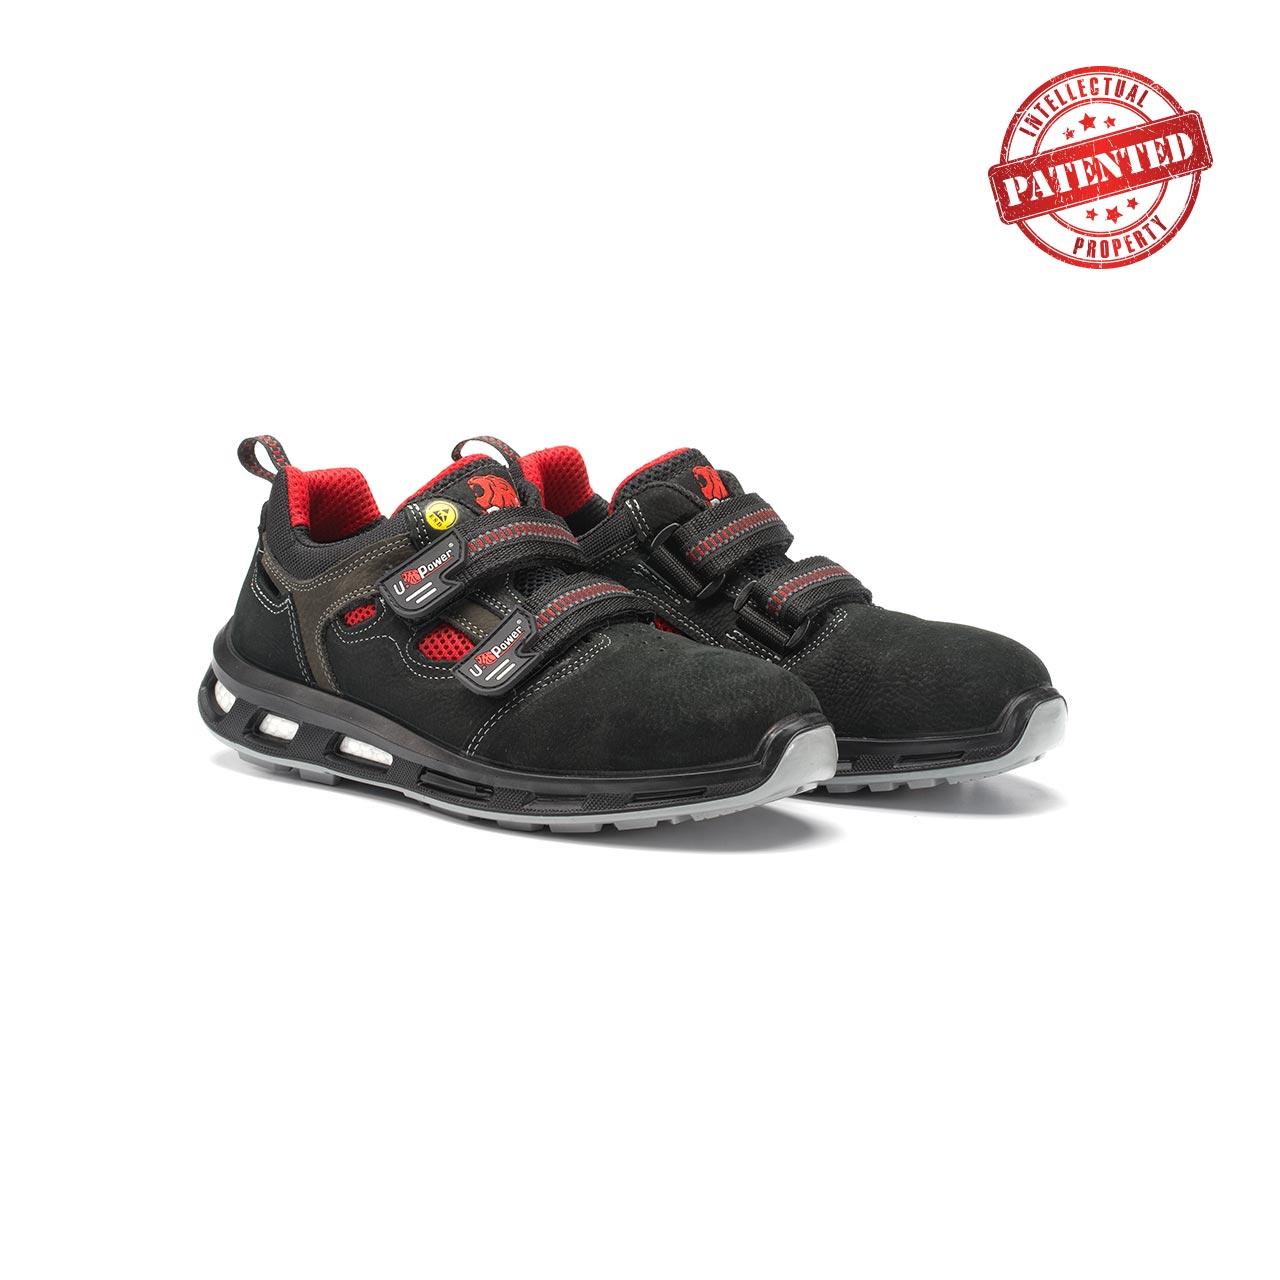 paio di scarpe antinfortunistiche upower modello cody linea redlion vista prospettica